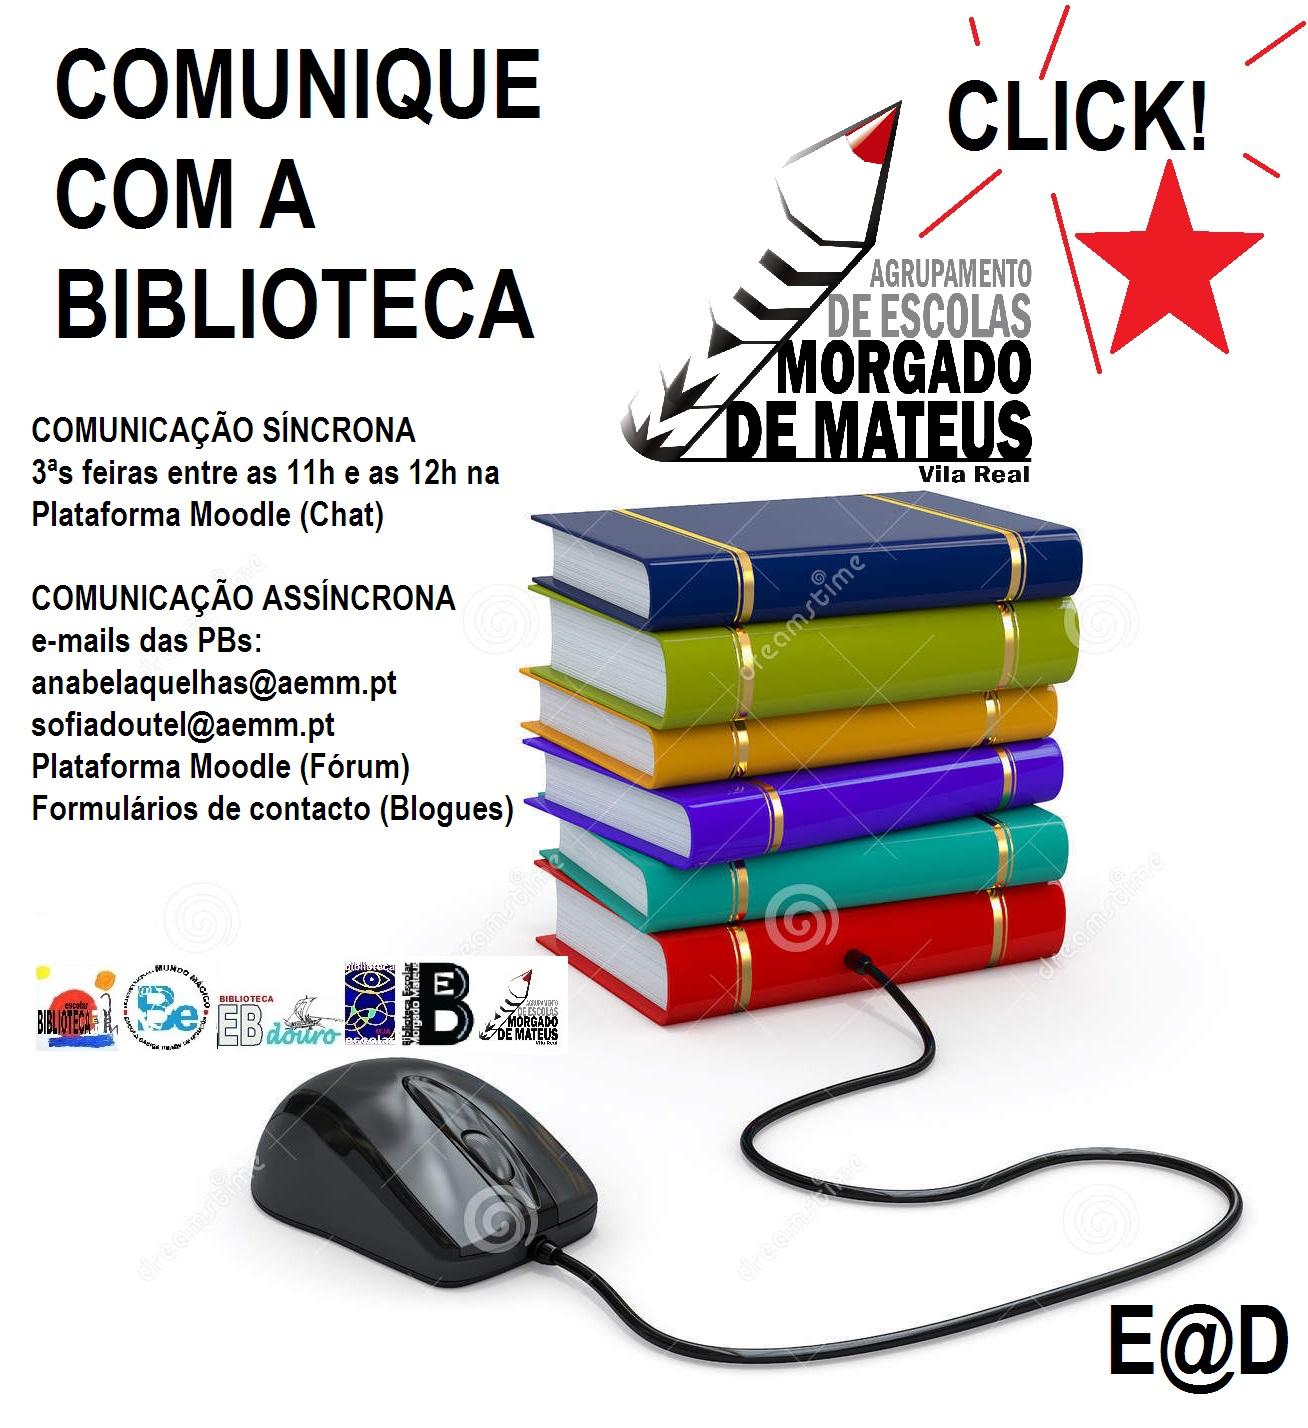 Comunicar com a Biblioteca